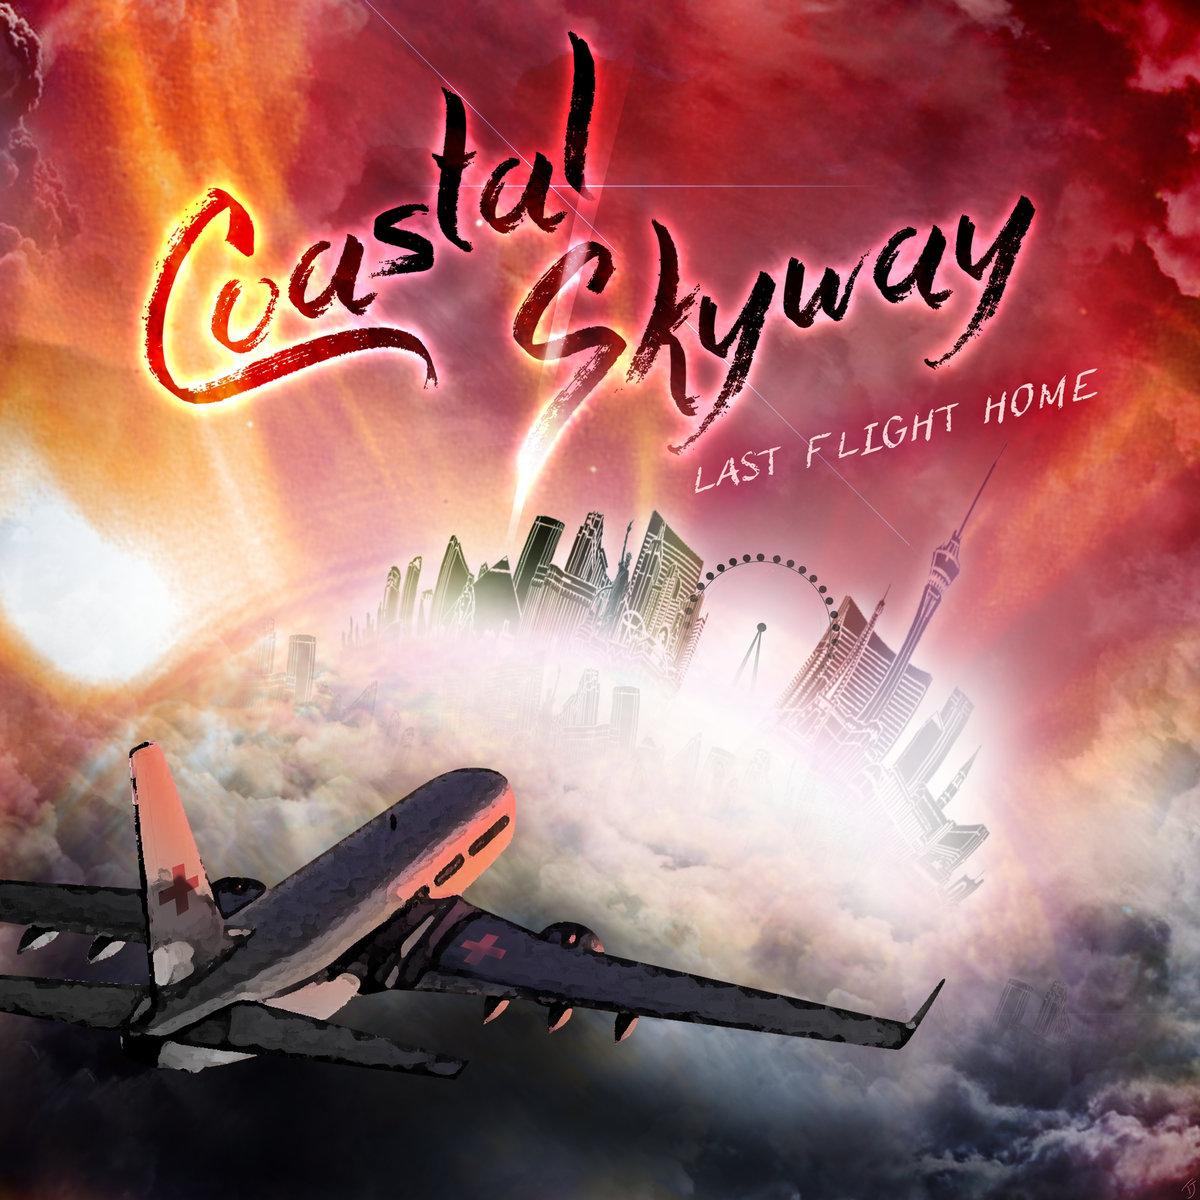 女性版C!NCC!!ポップパンクバンド「Coastal Skyway」がデビューEPをリリース!